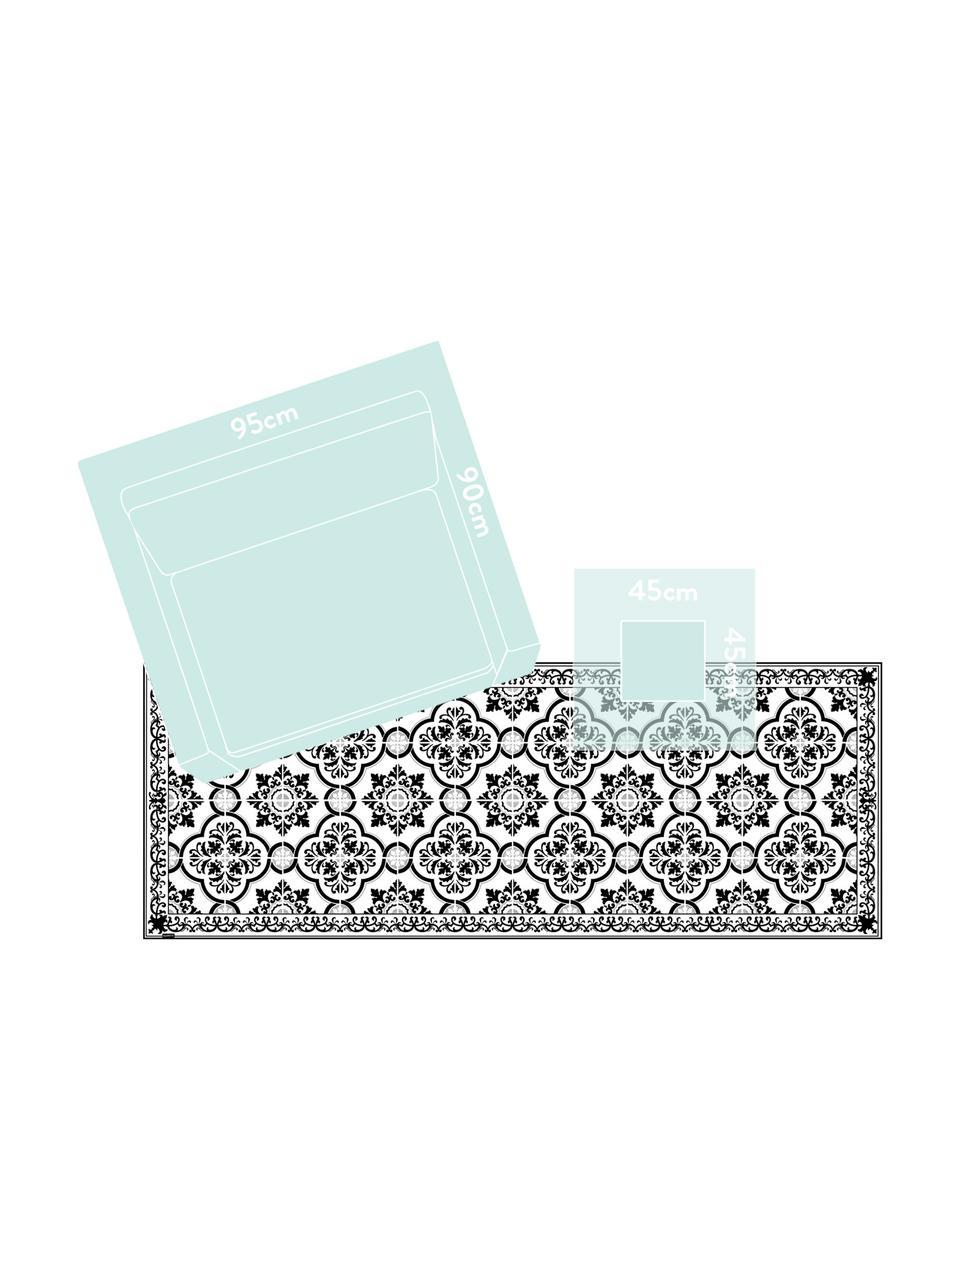 Vlakke vinyl vloermat Elena in zwart en wit, antislip, Recyclebaar vinyl, Zwart, wit, grijs, 65 x 255 cm